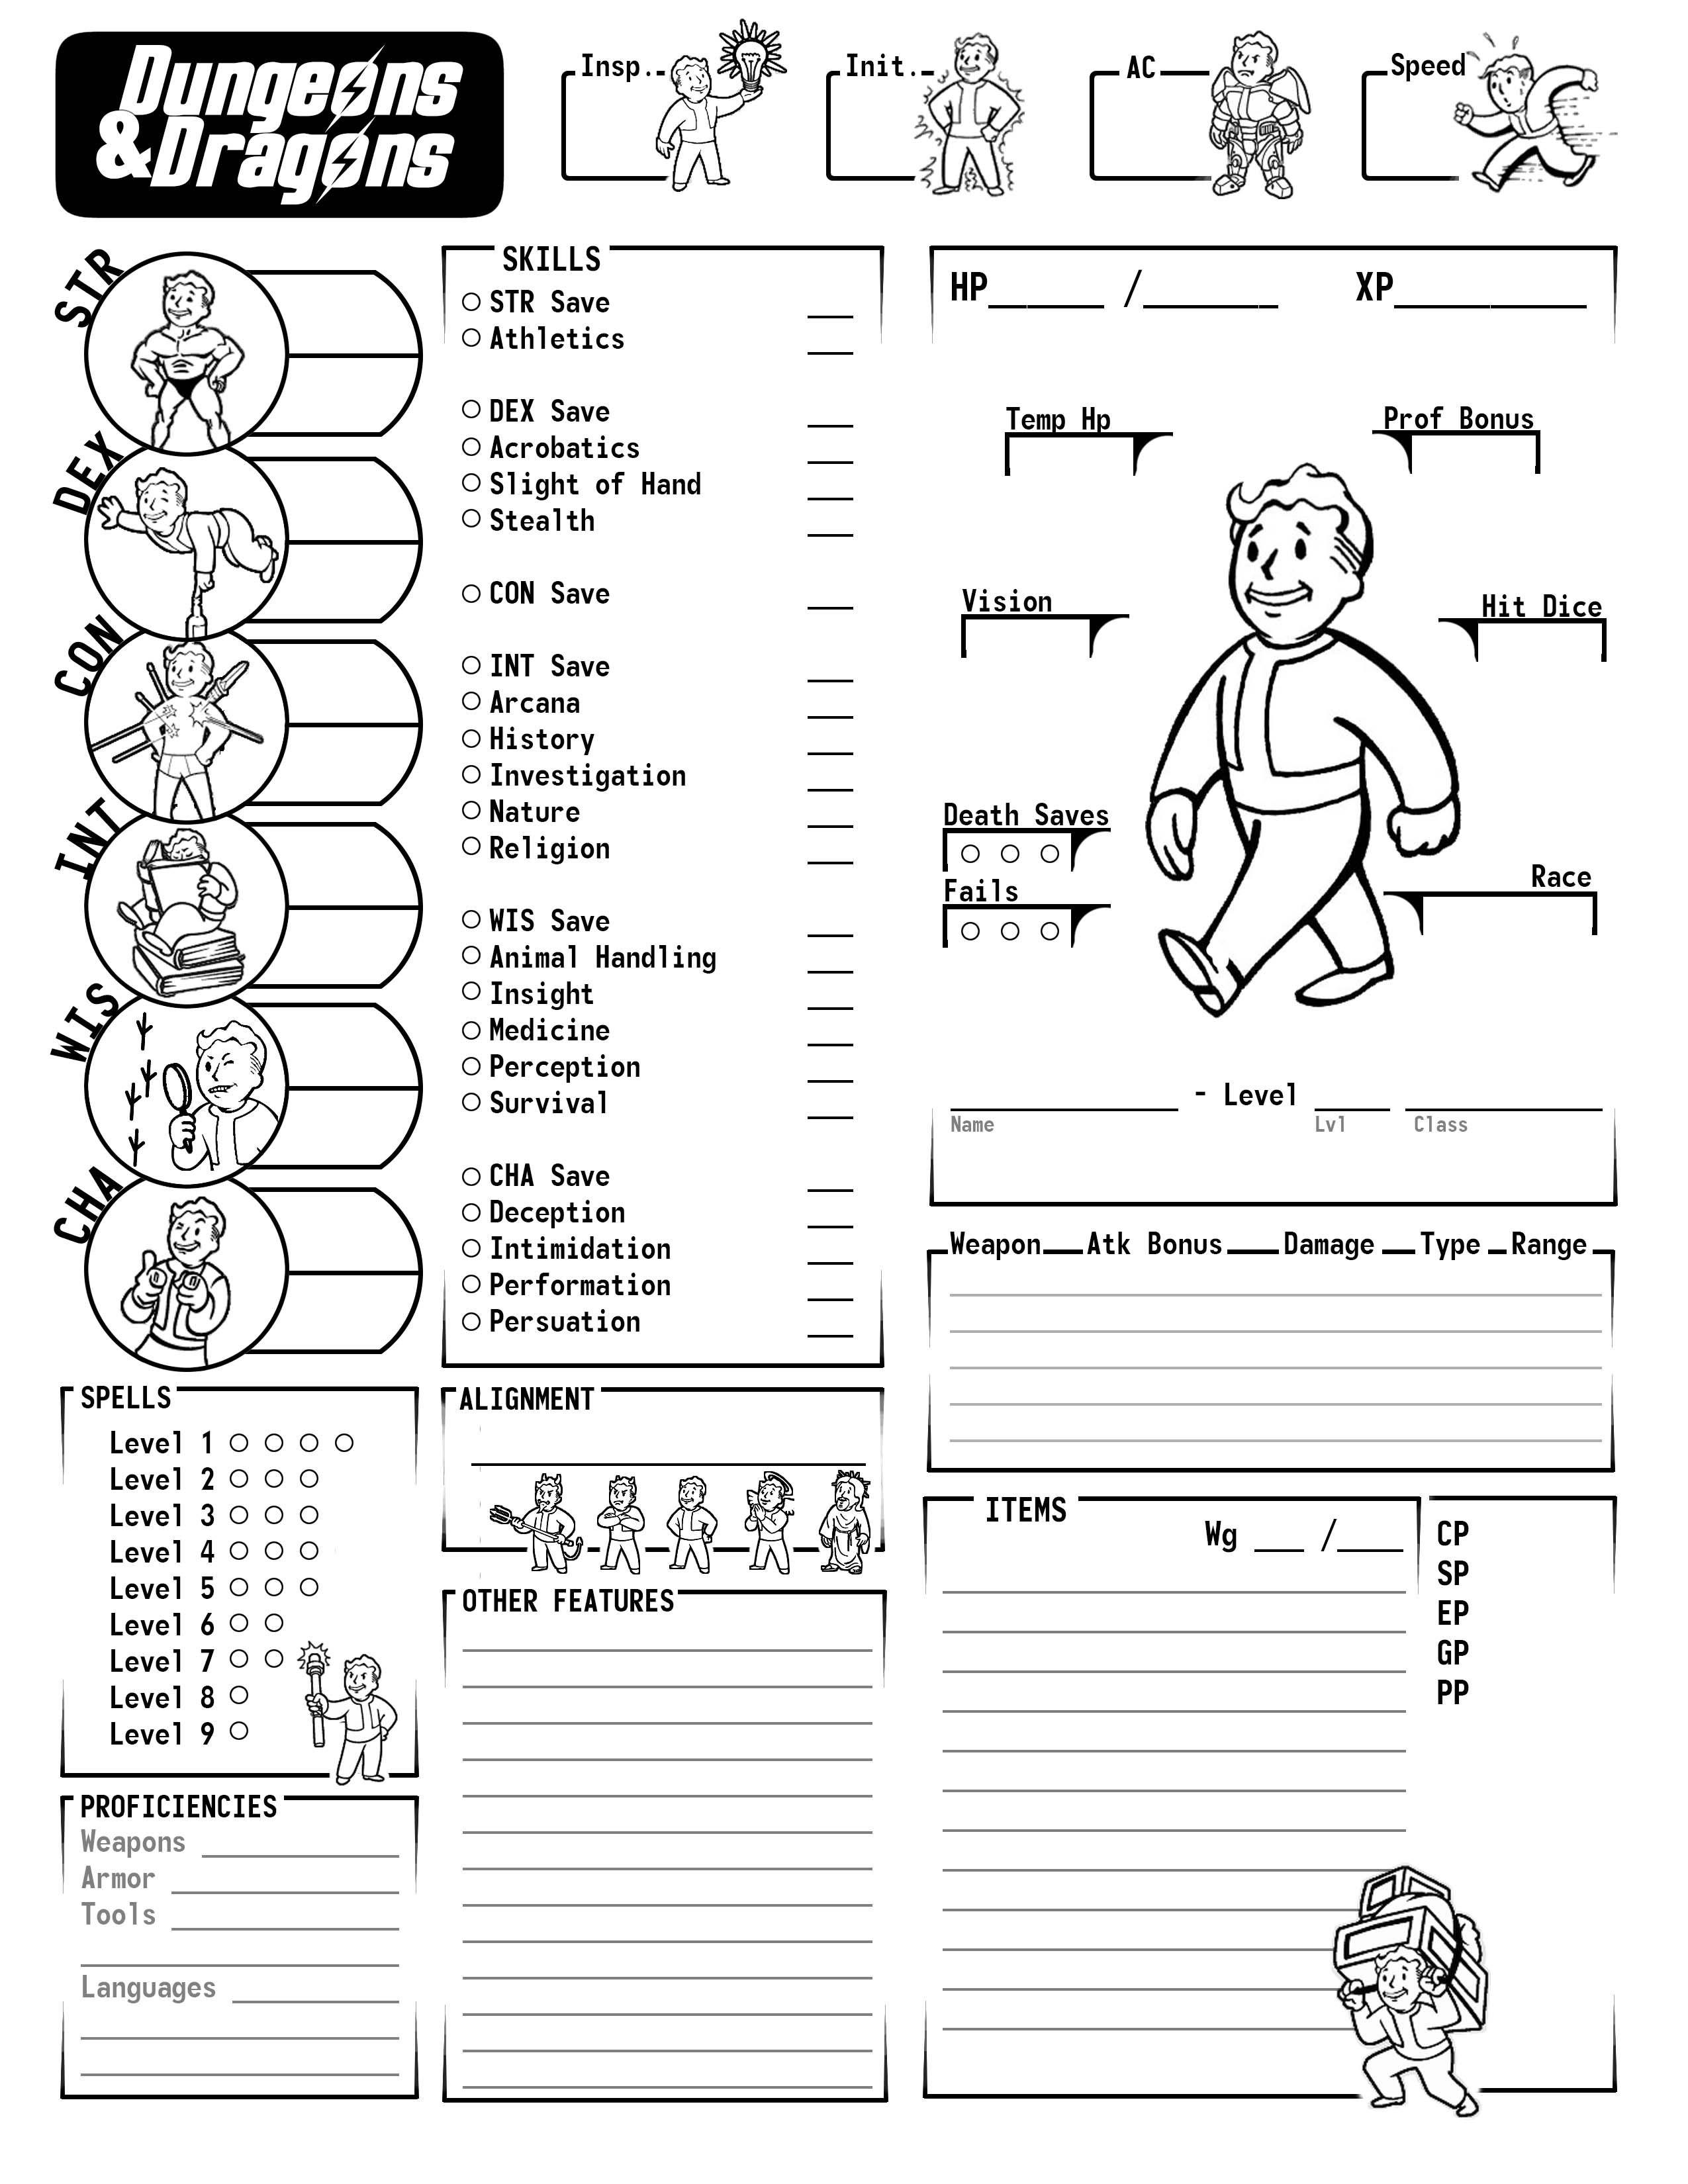 Star Wars Saga Edition Character Sheet Pdf